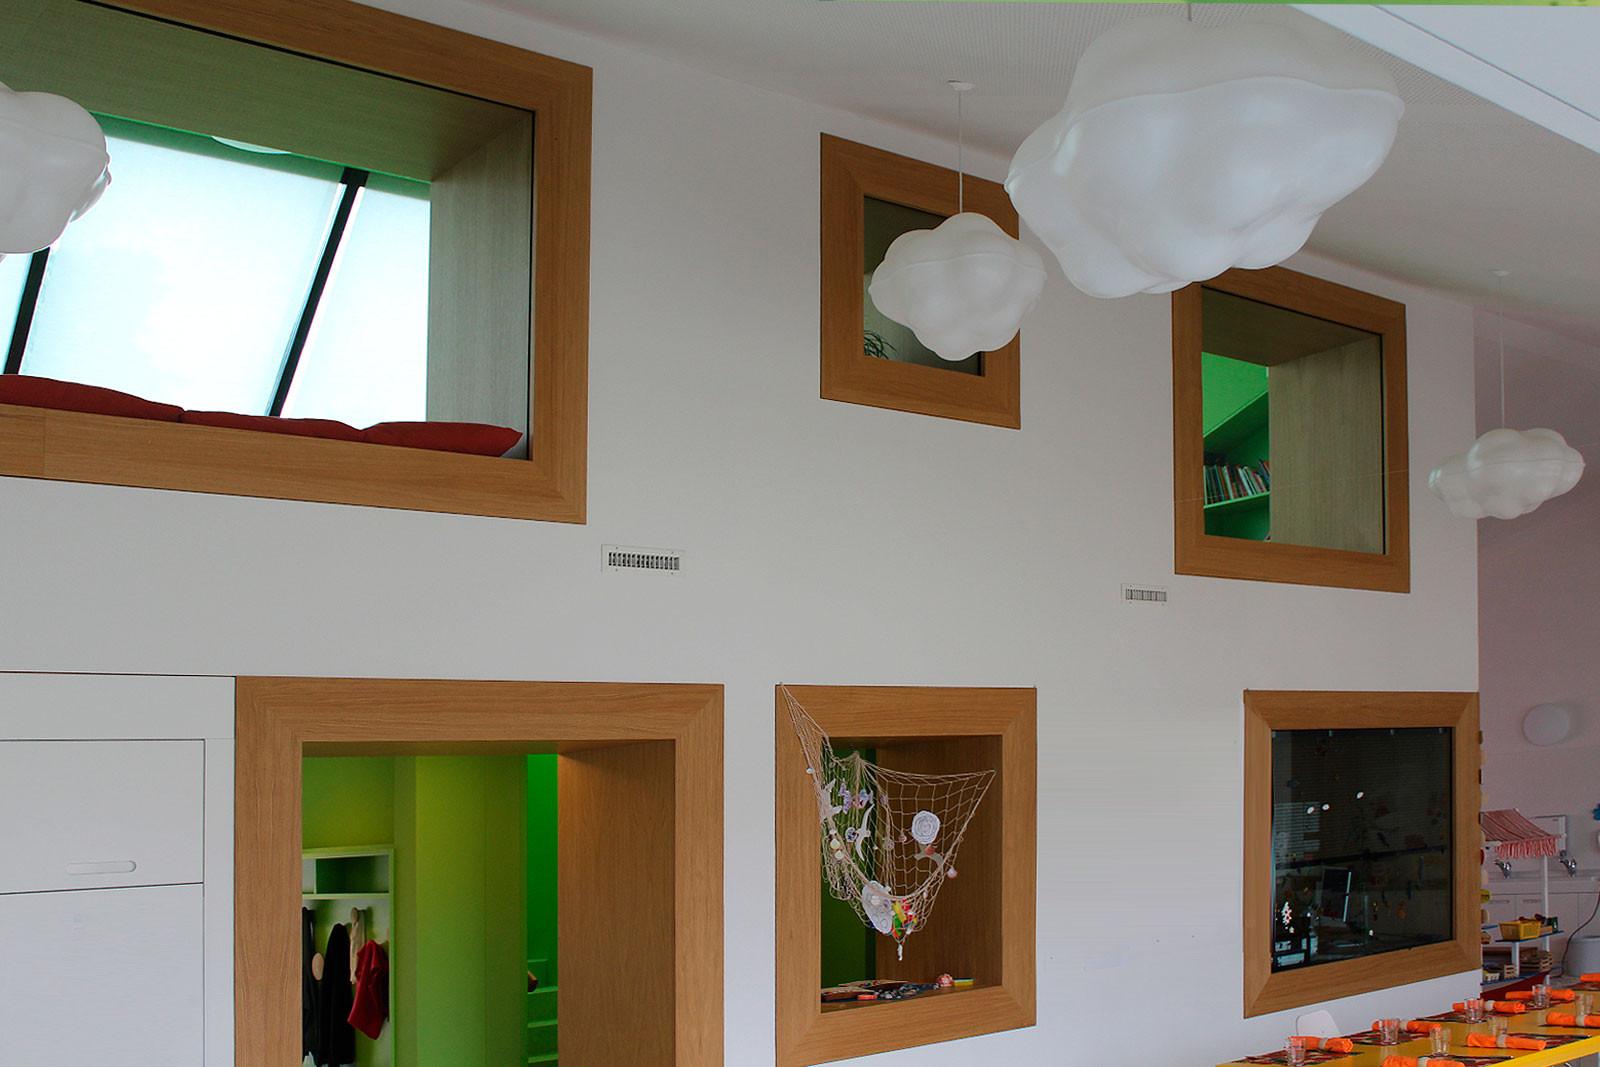 Tagesschule Horbern, Muri, rollimarchini Architekten Bern